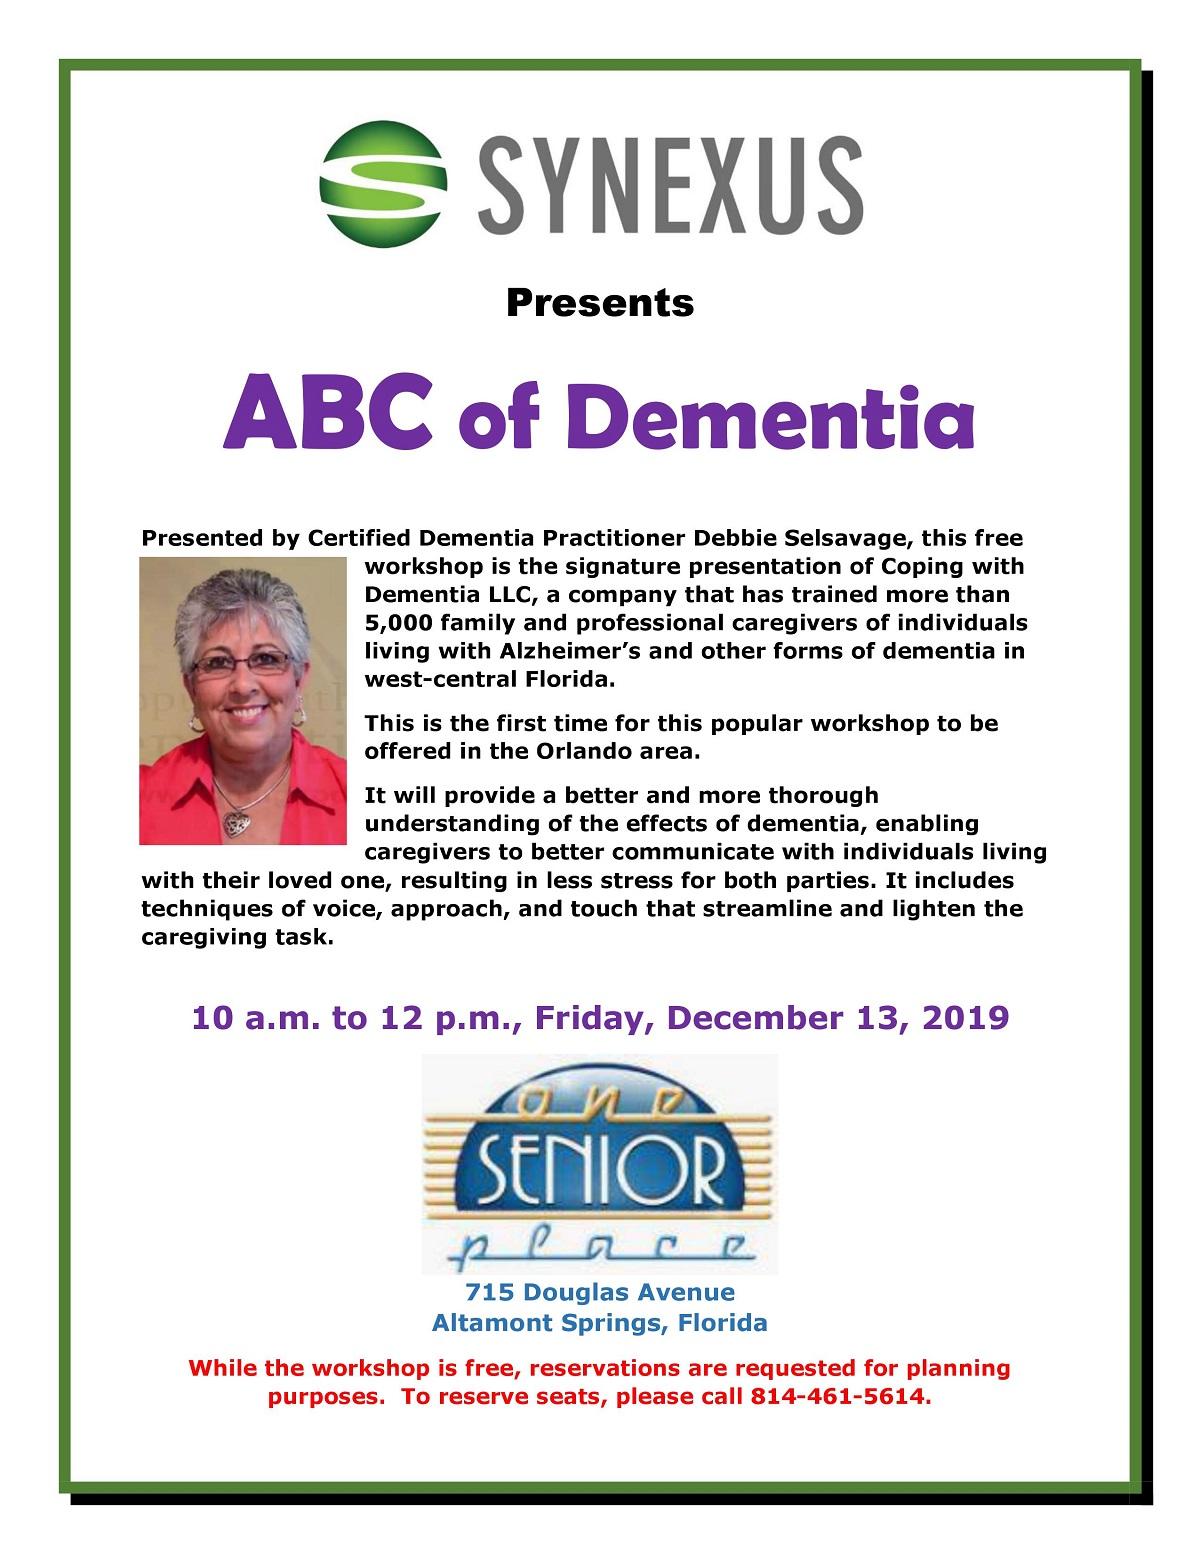 ABC of Dementia